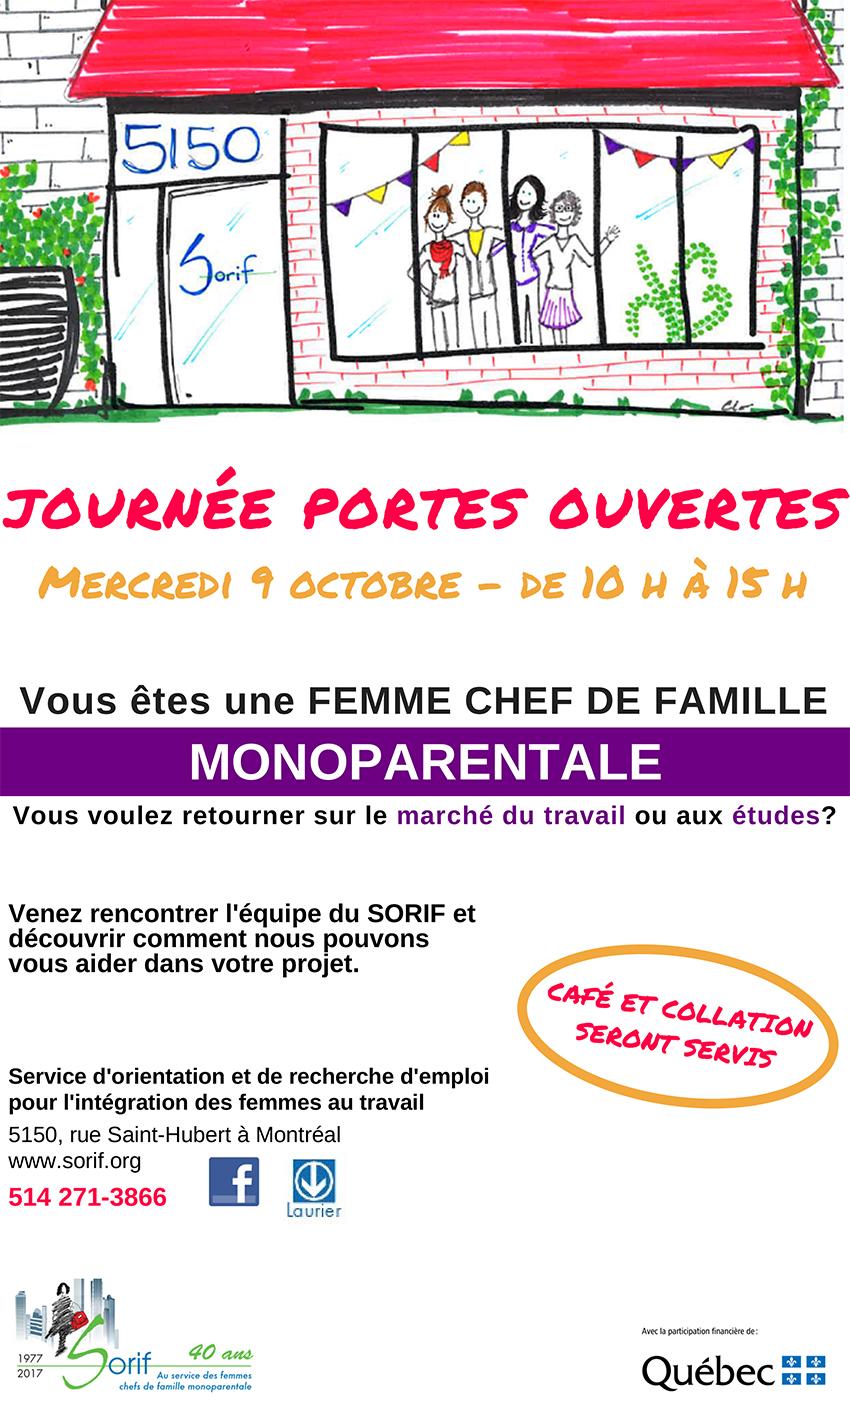 Journée portes ouvertes - Mercredi 9 octobre de 10 h à 15 h